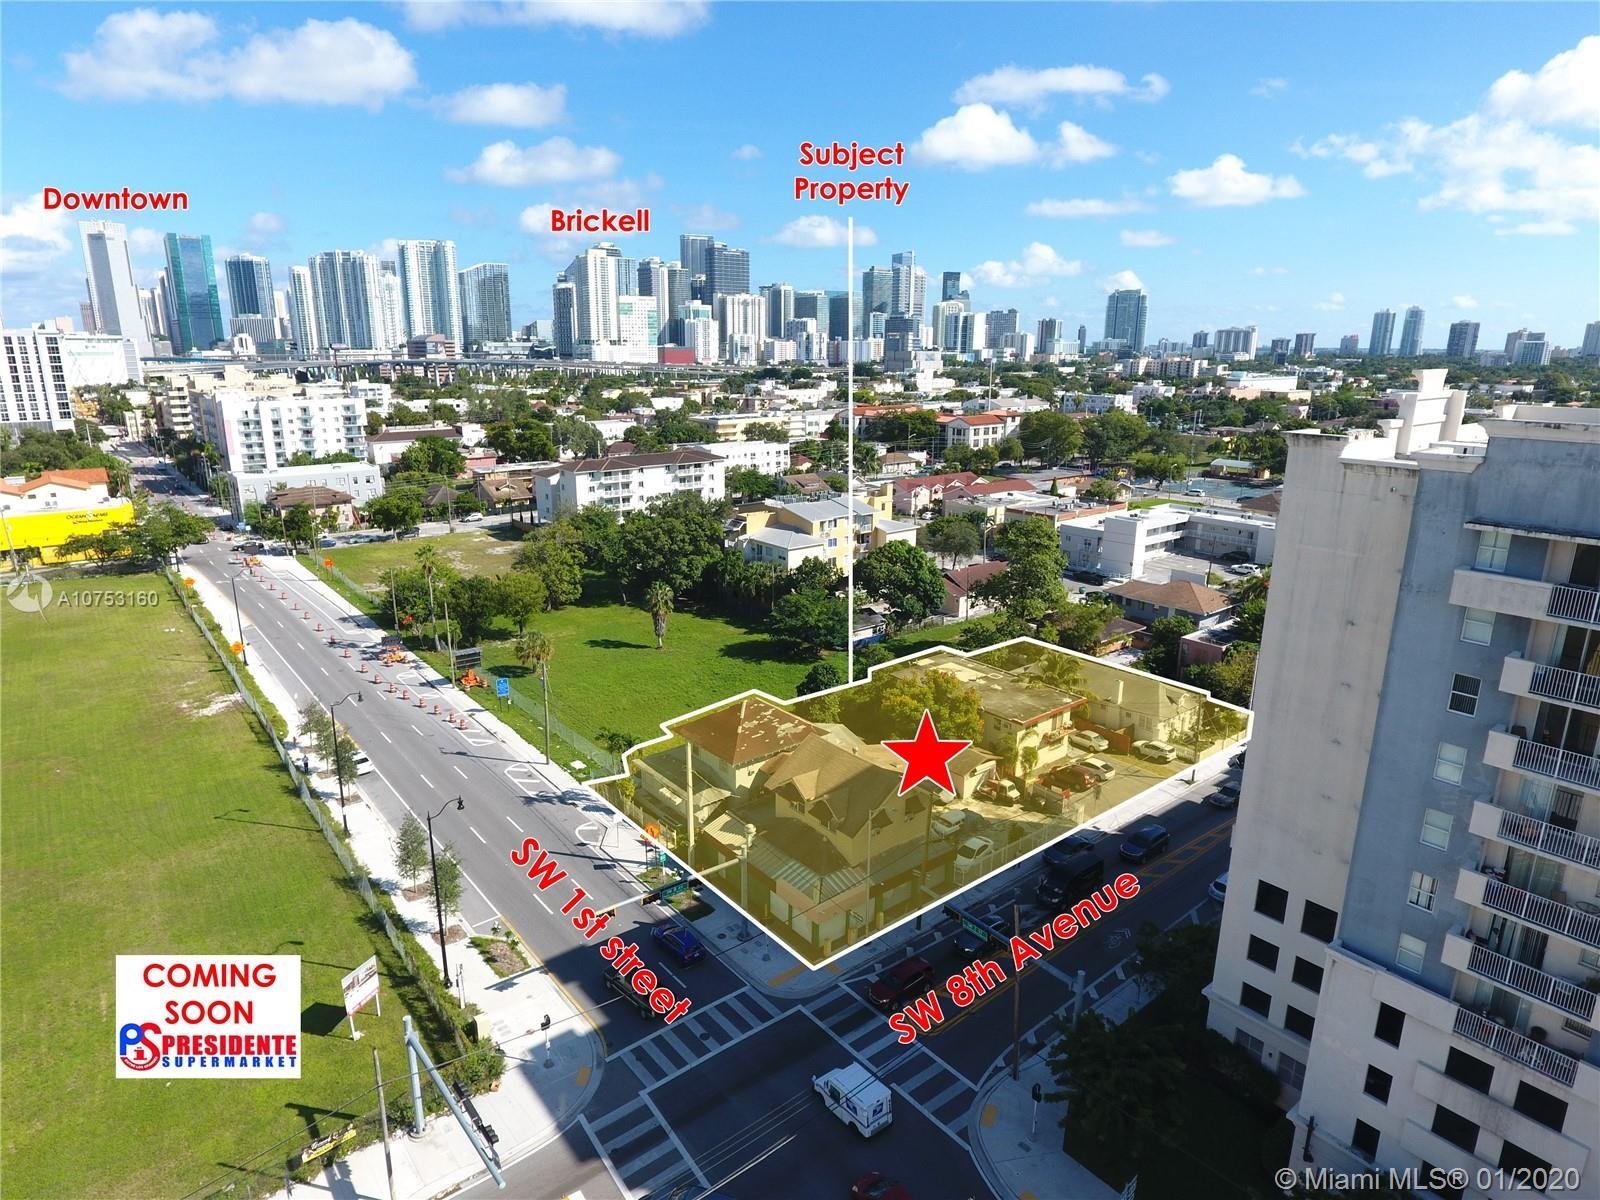 774 SW 1 st, Miami, FL 33130